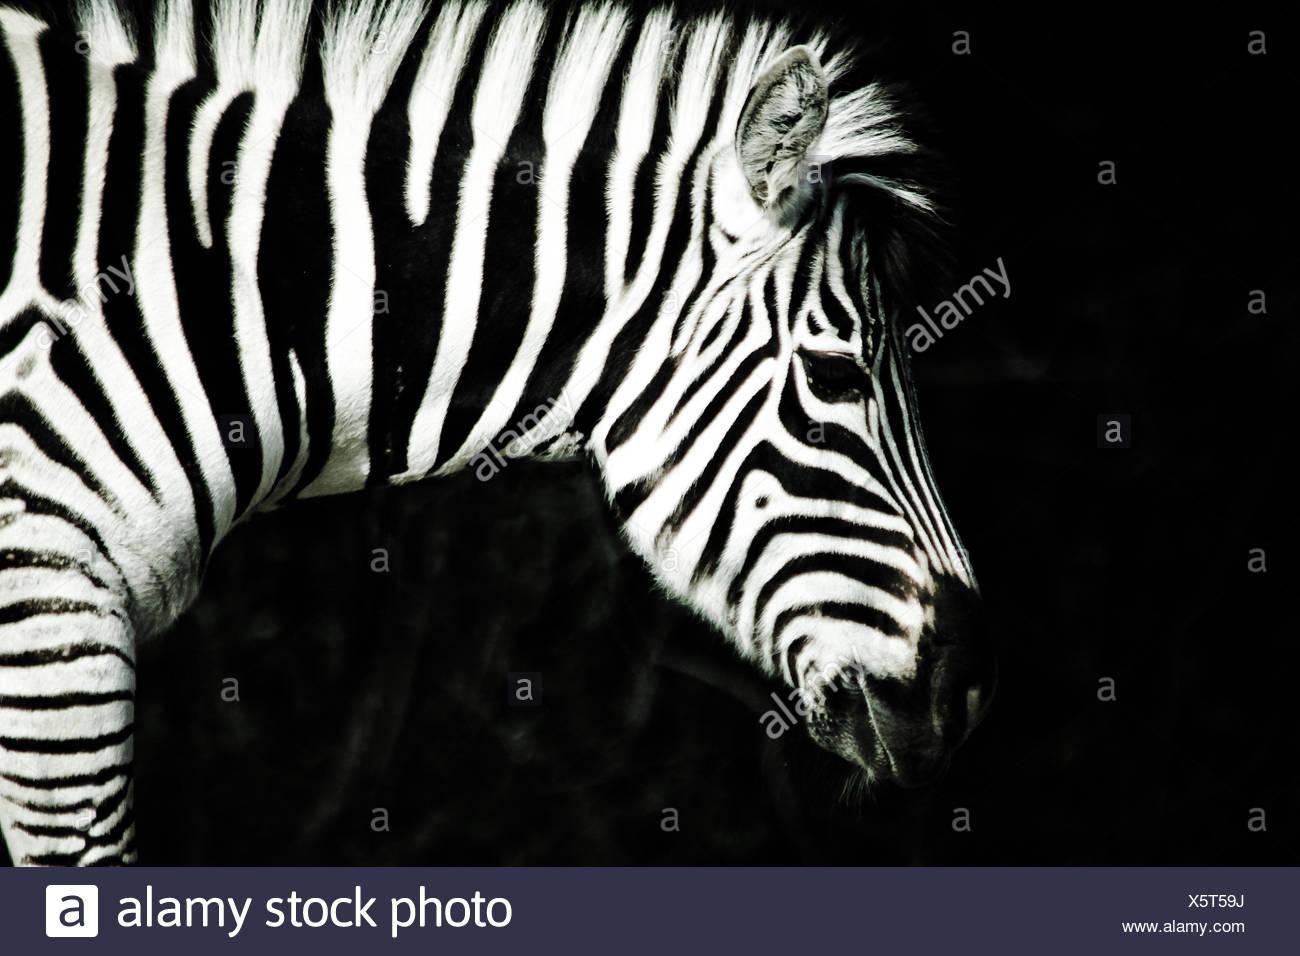 Primer plano de cebra en el bosque tropical en la noche Imagen De Stock